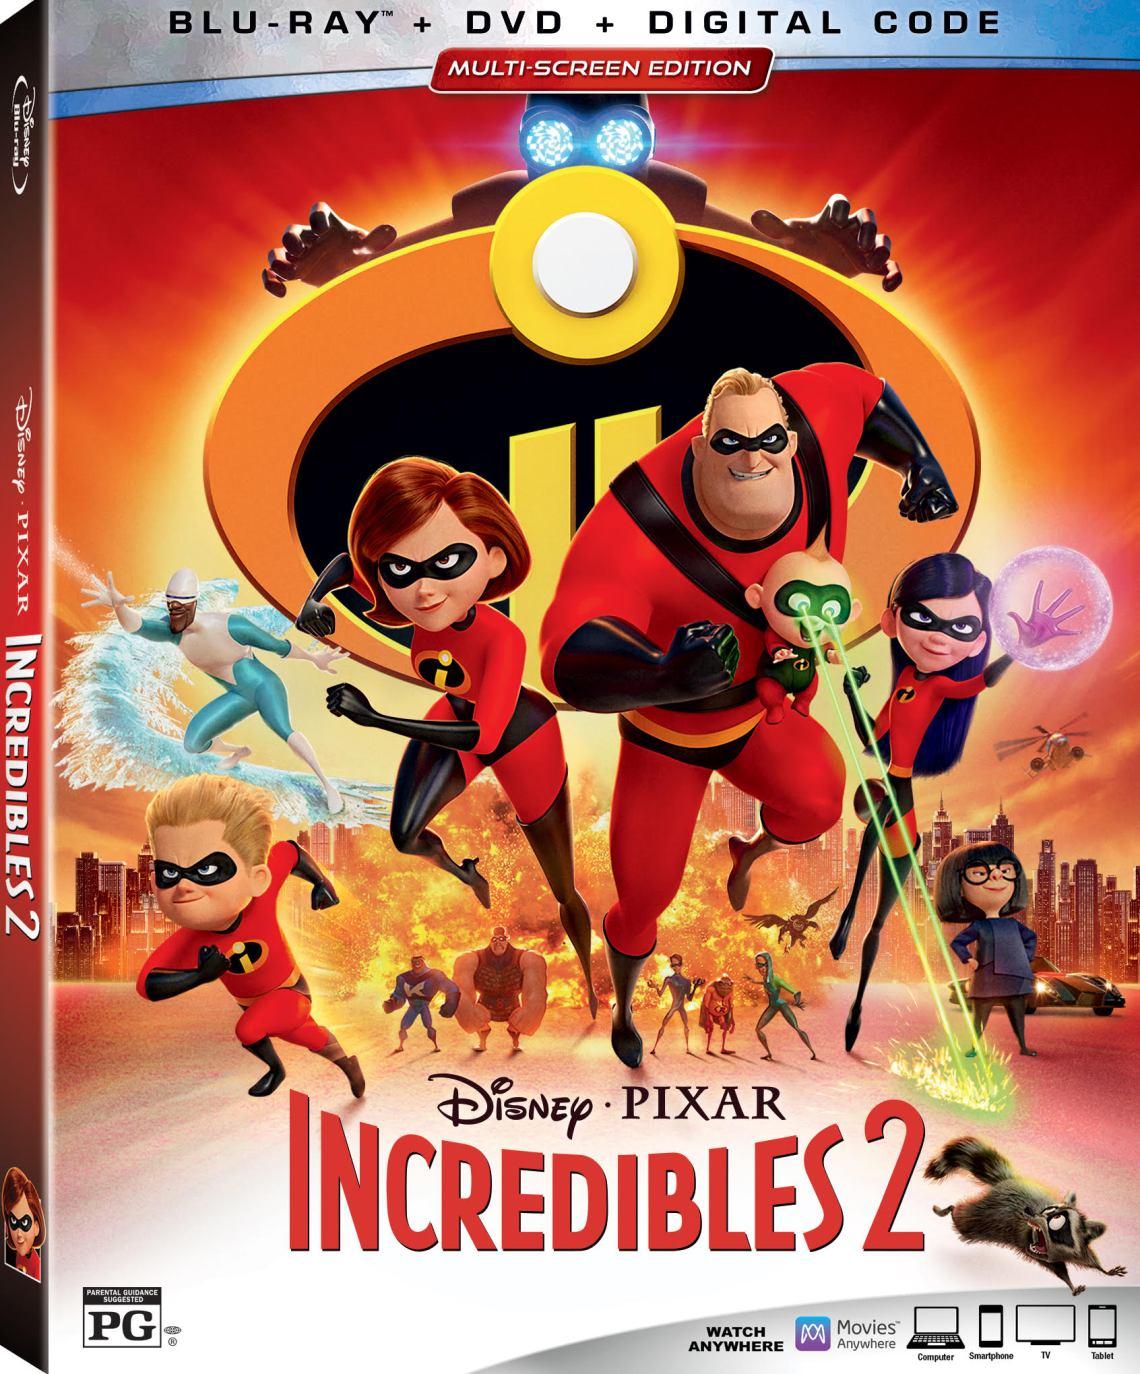 Disney Pixar Incredibles 2